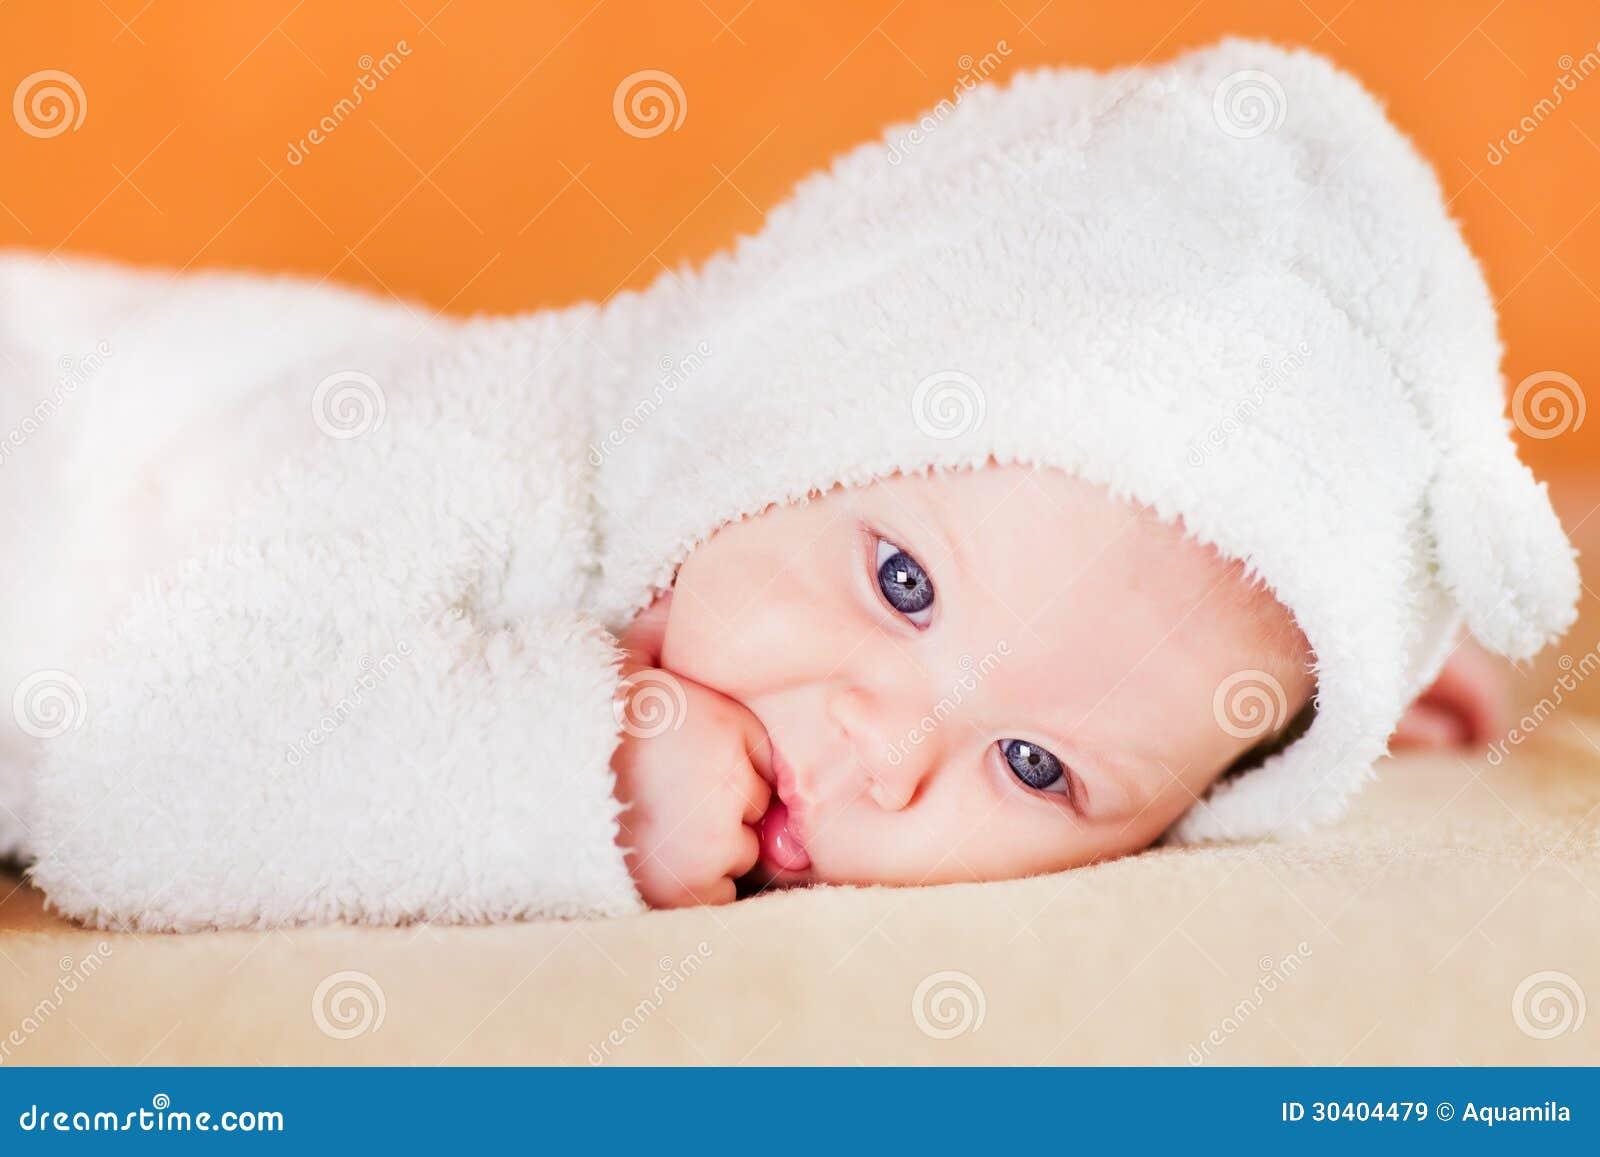 Χαριτωμένος λίγο μωρό που απορροφά τα δάχτυλά του